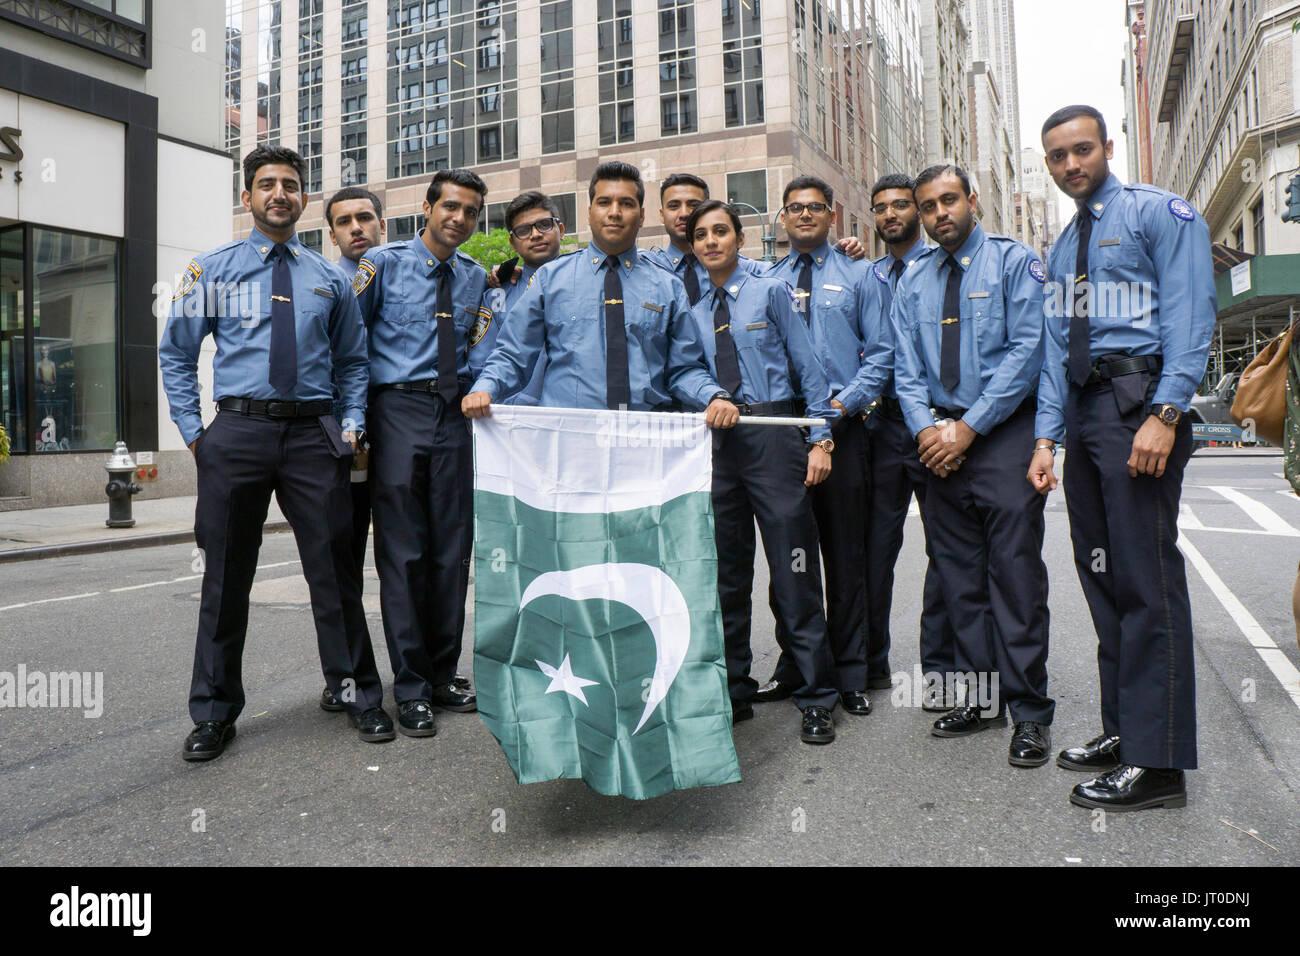 Eine Gruppe junge pakistanische Studenten an der NYPD Police Academy an der Pakistan Day Parade in Manhattan, New York City. Stockbild